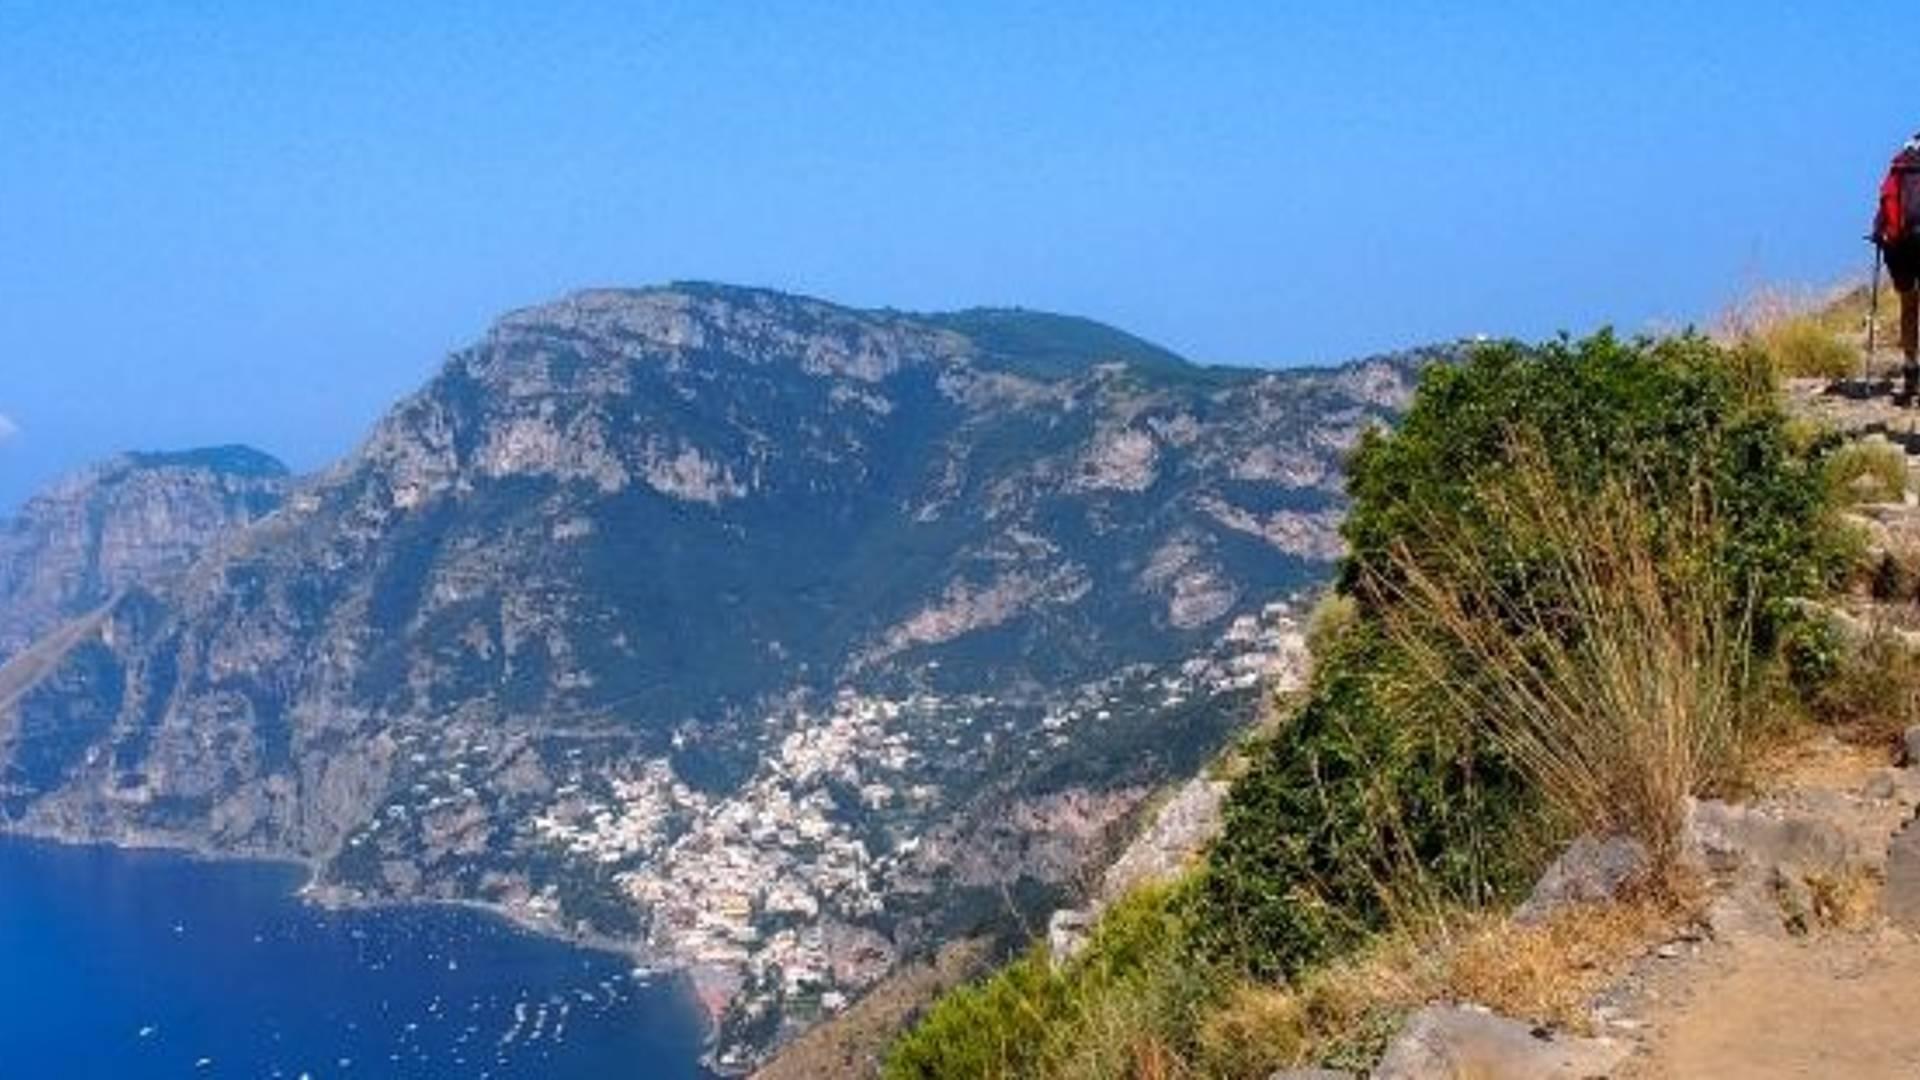 Randonnée en petit groupe - Naples et les sentiers de la côte amalfitaine